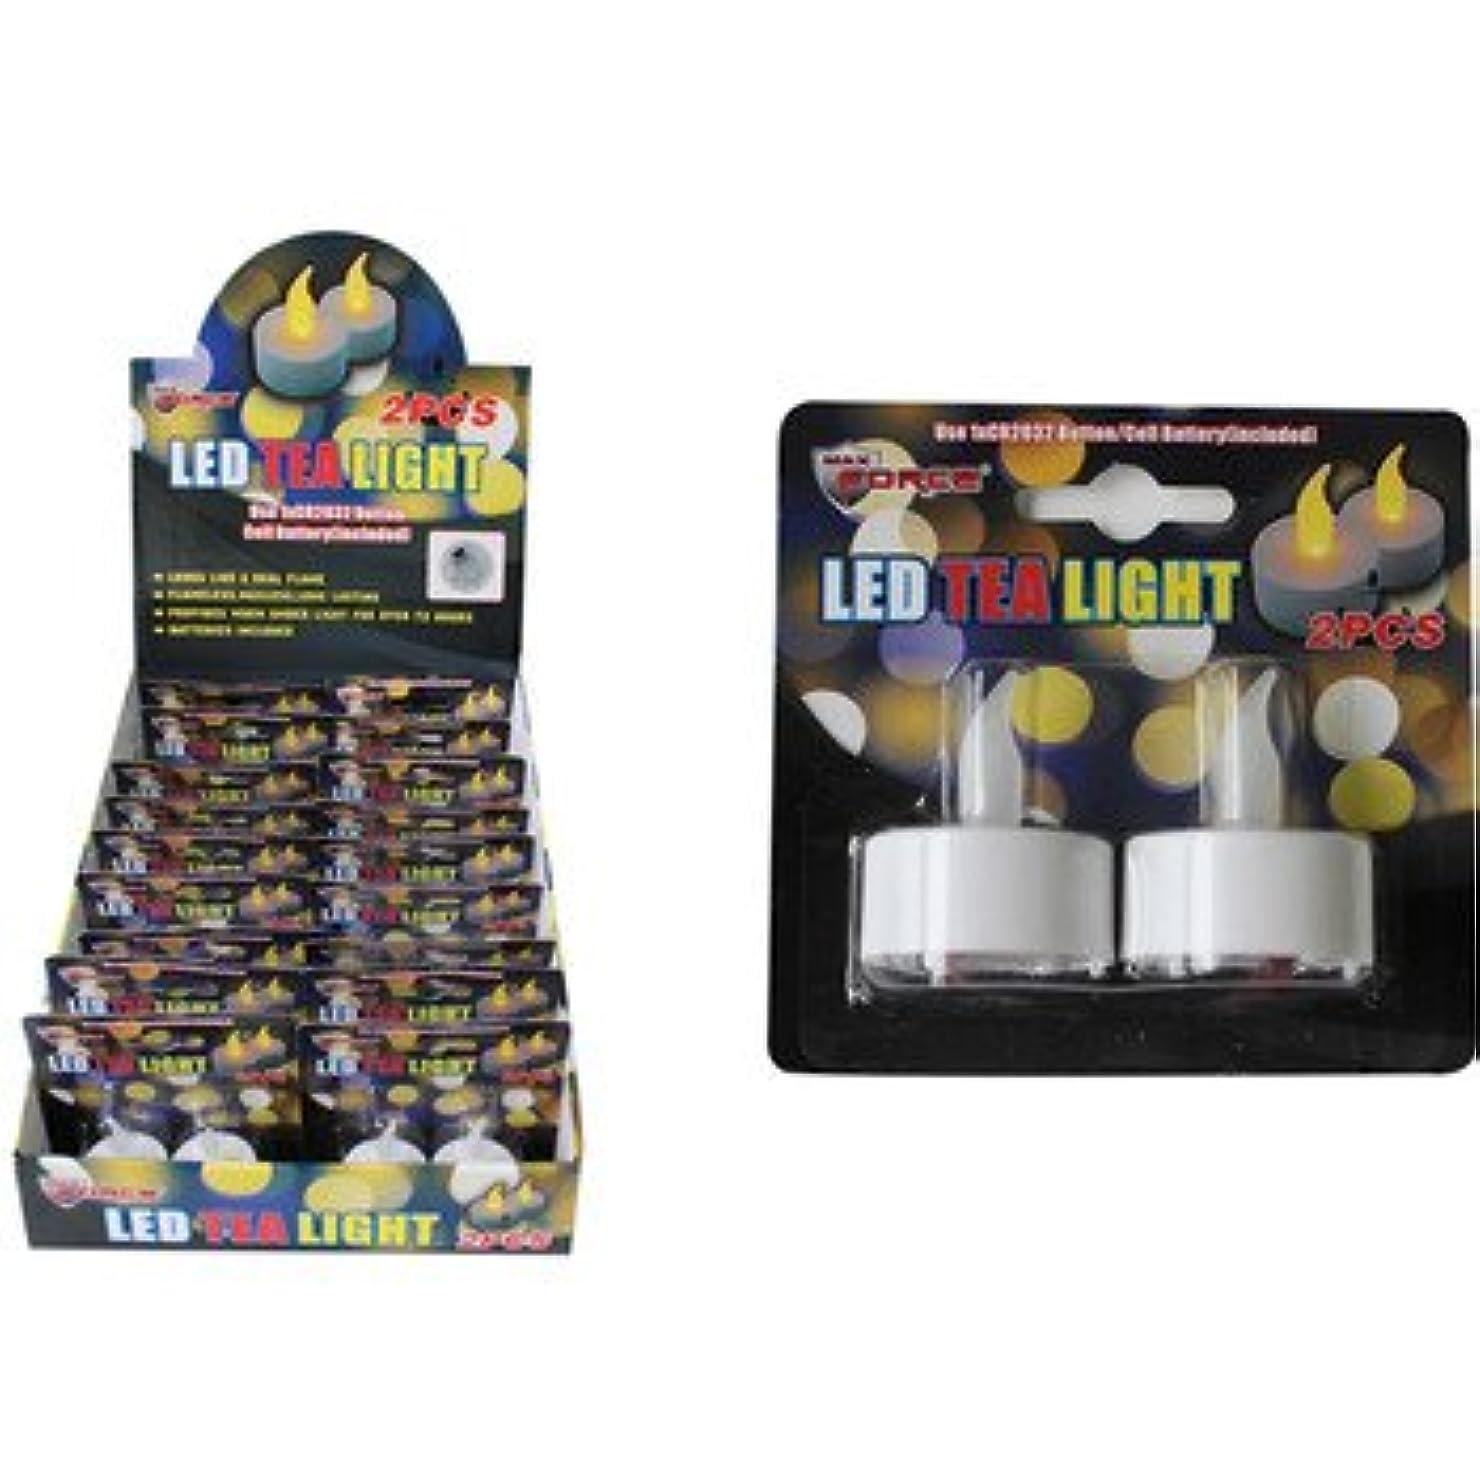 証人ゲートウェイ価値DDI 2125463 2-Piece LED Tea Lights Case of 18